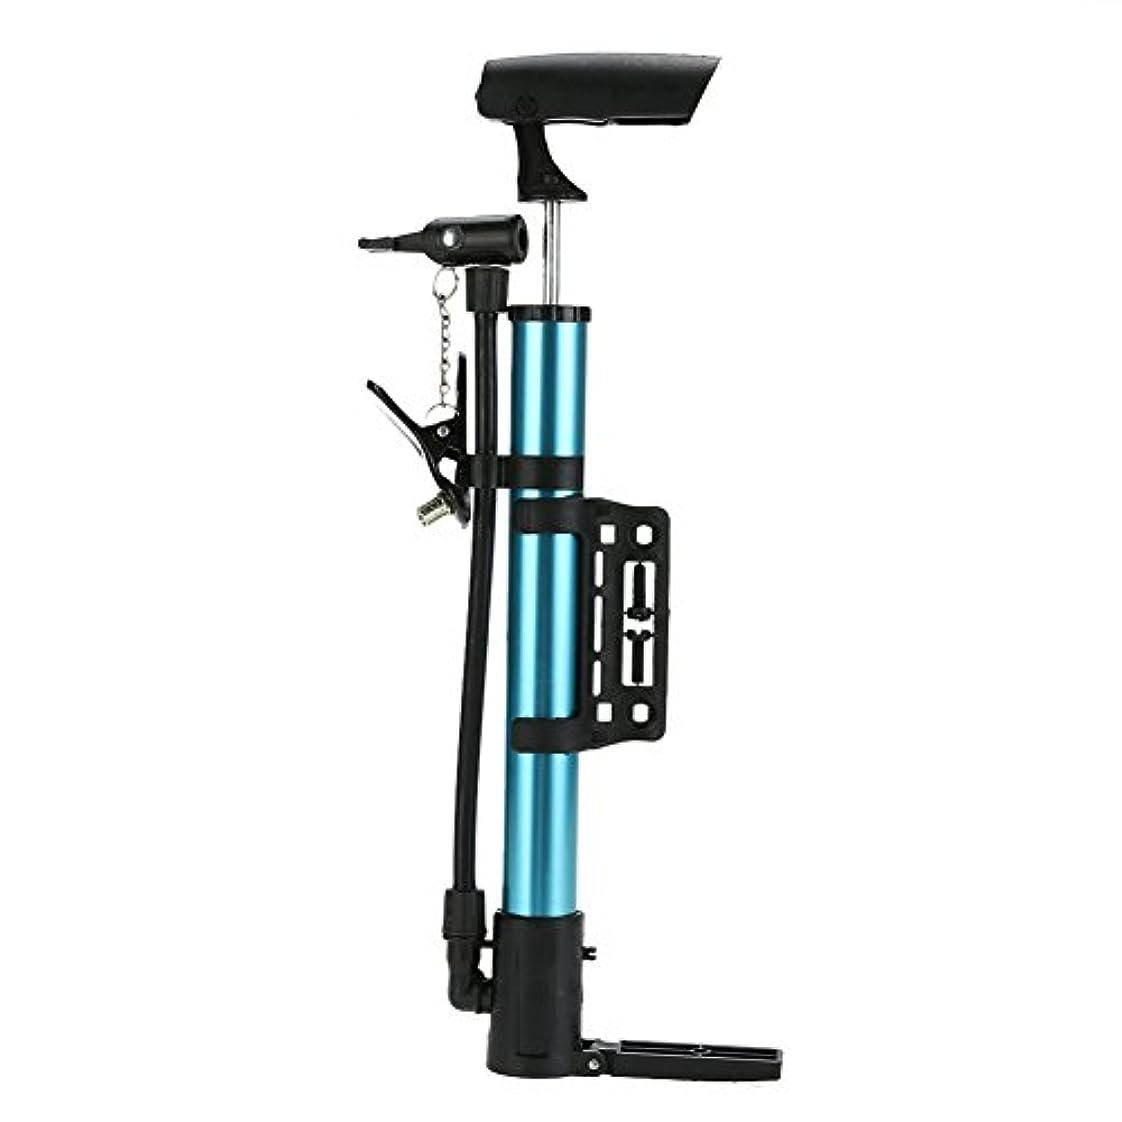 チャート劣るポテトミニポータブル軽量biketireインフレータアルミニウム合金mtbサイクリングバイクタイヤ空気バイクアクセサリー_青